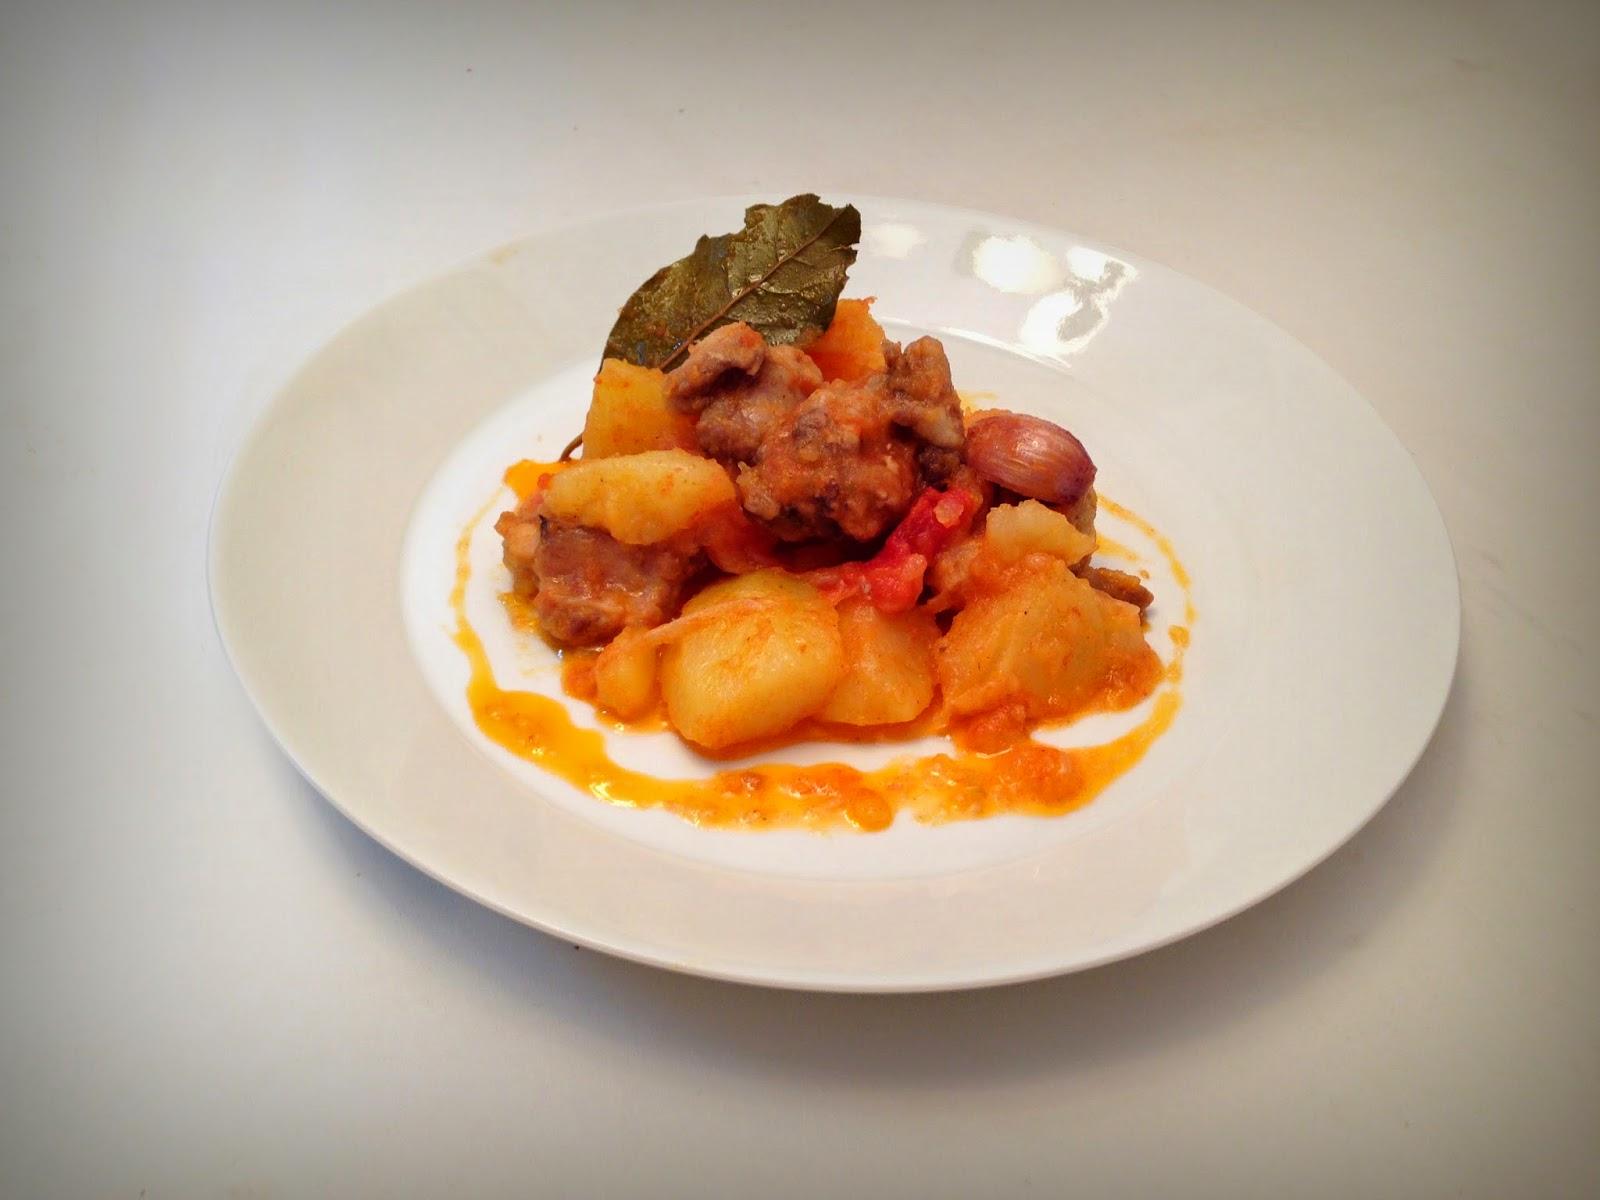 Miblogentrerecetas estofado de patatas con costilla de cerdo - Patatas con costillas de cerdo ...